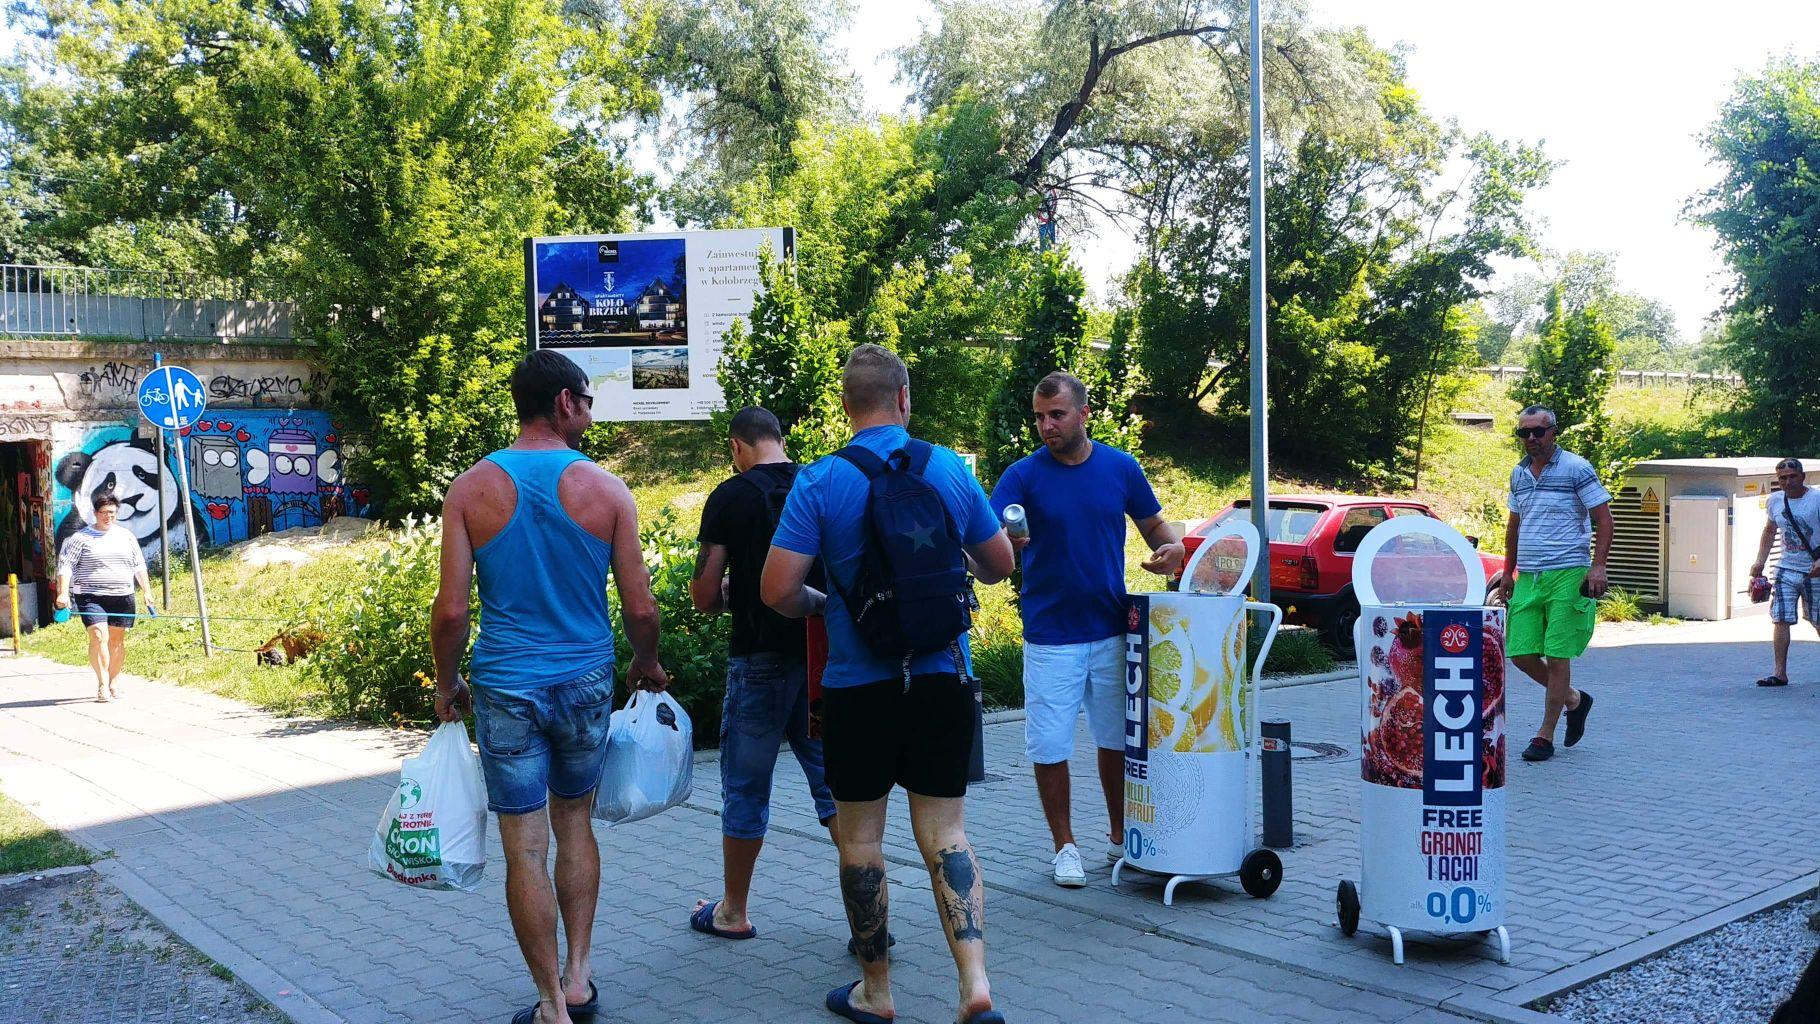 Lech Free za darmo Poznań okolice ogrodu botanicznego